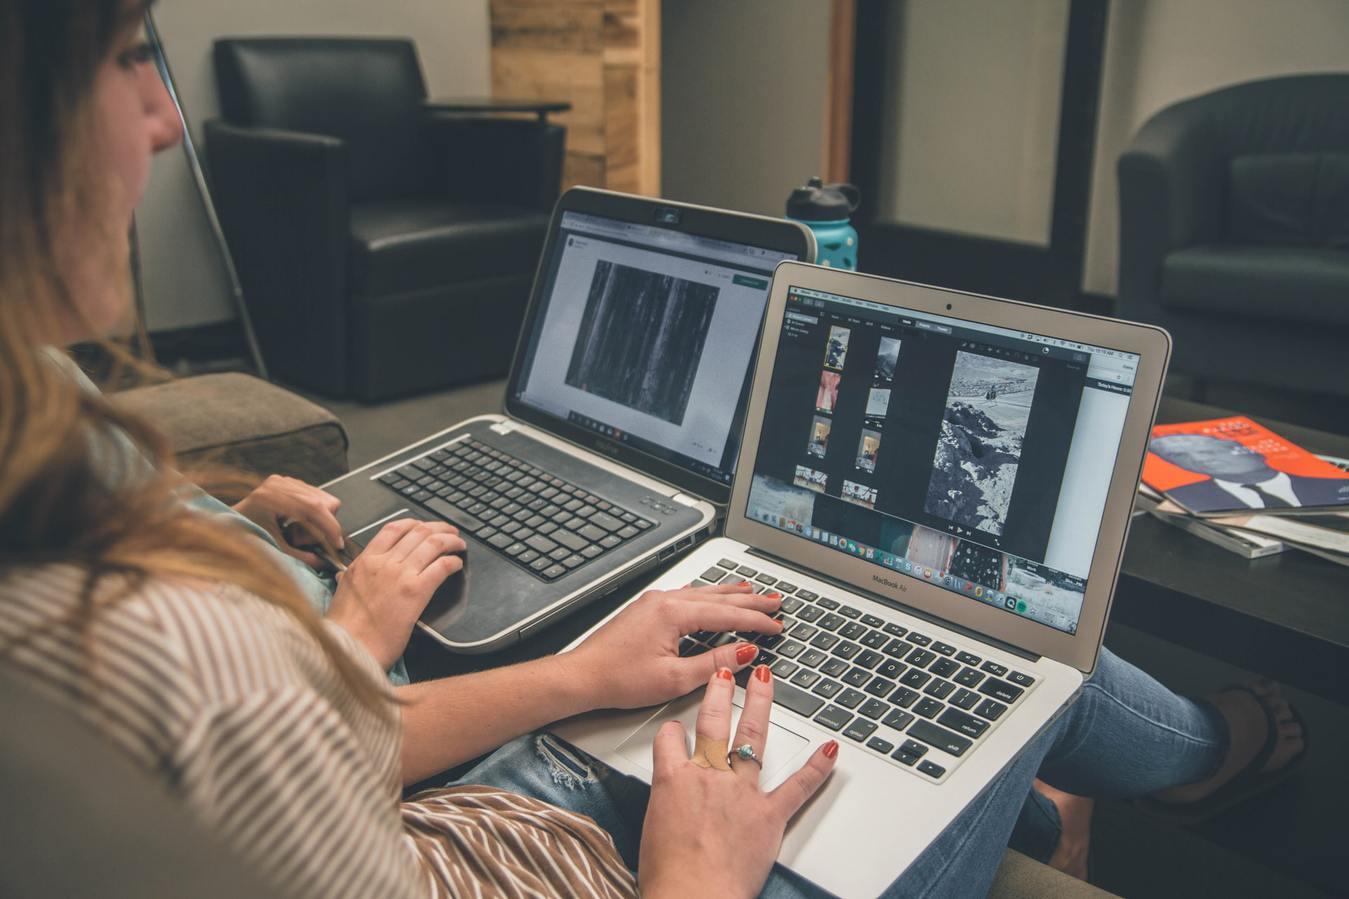 Duas pessoas sentadas trabalhando no computador